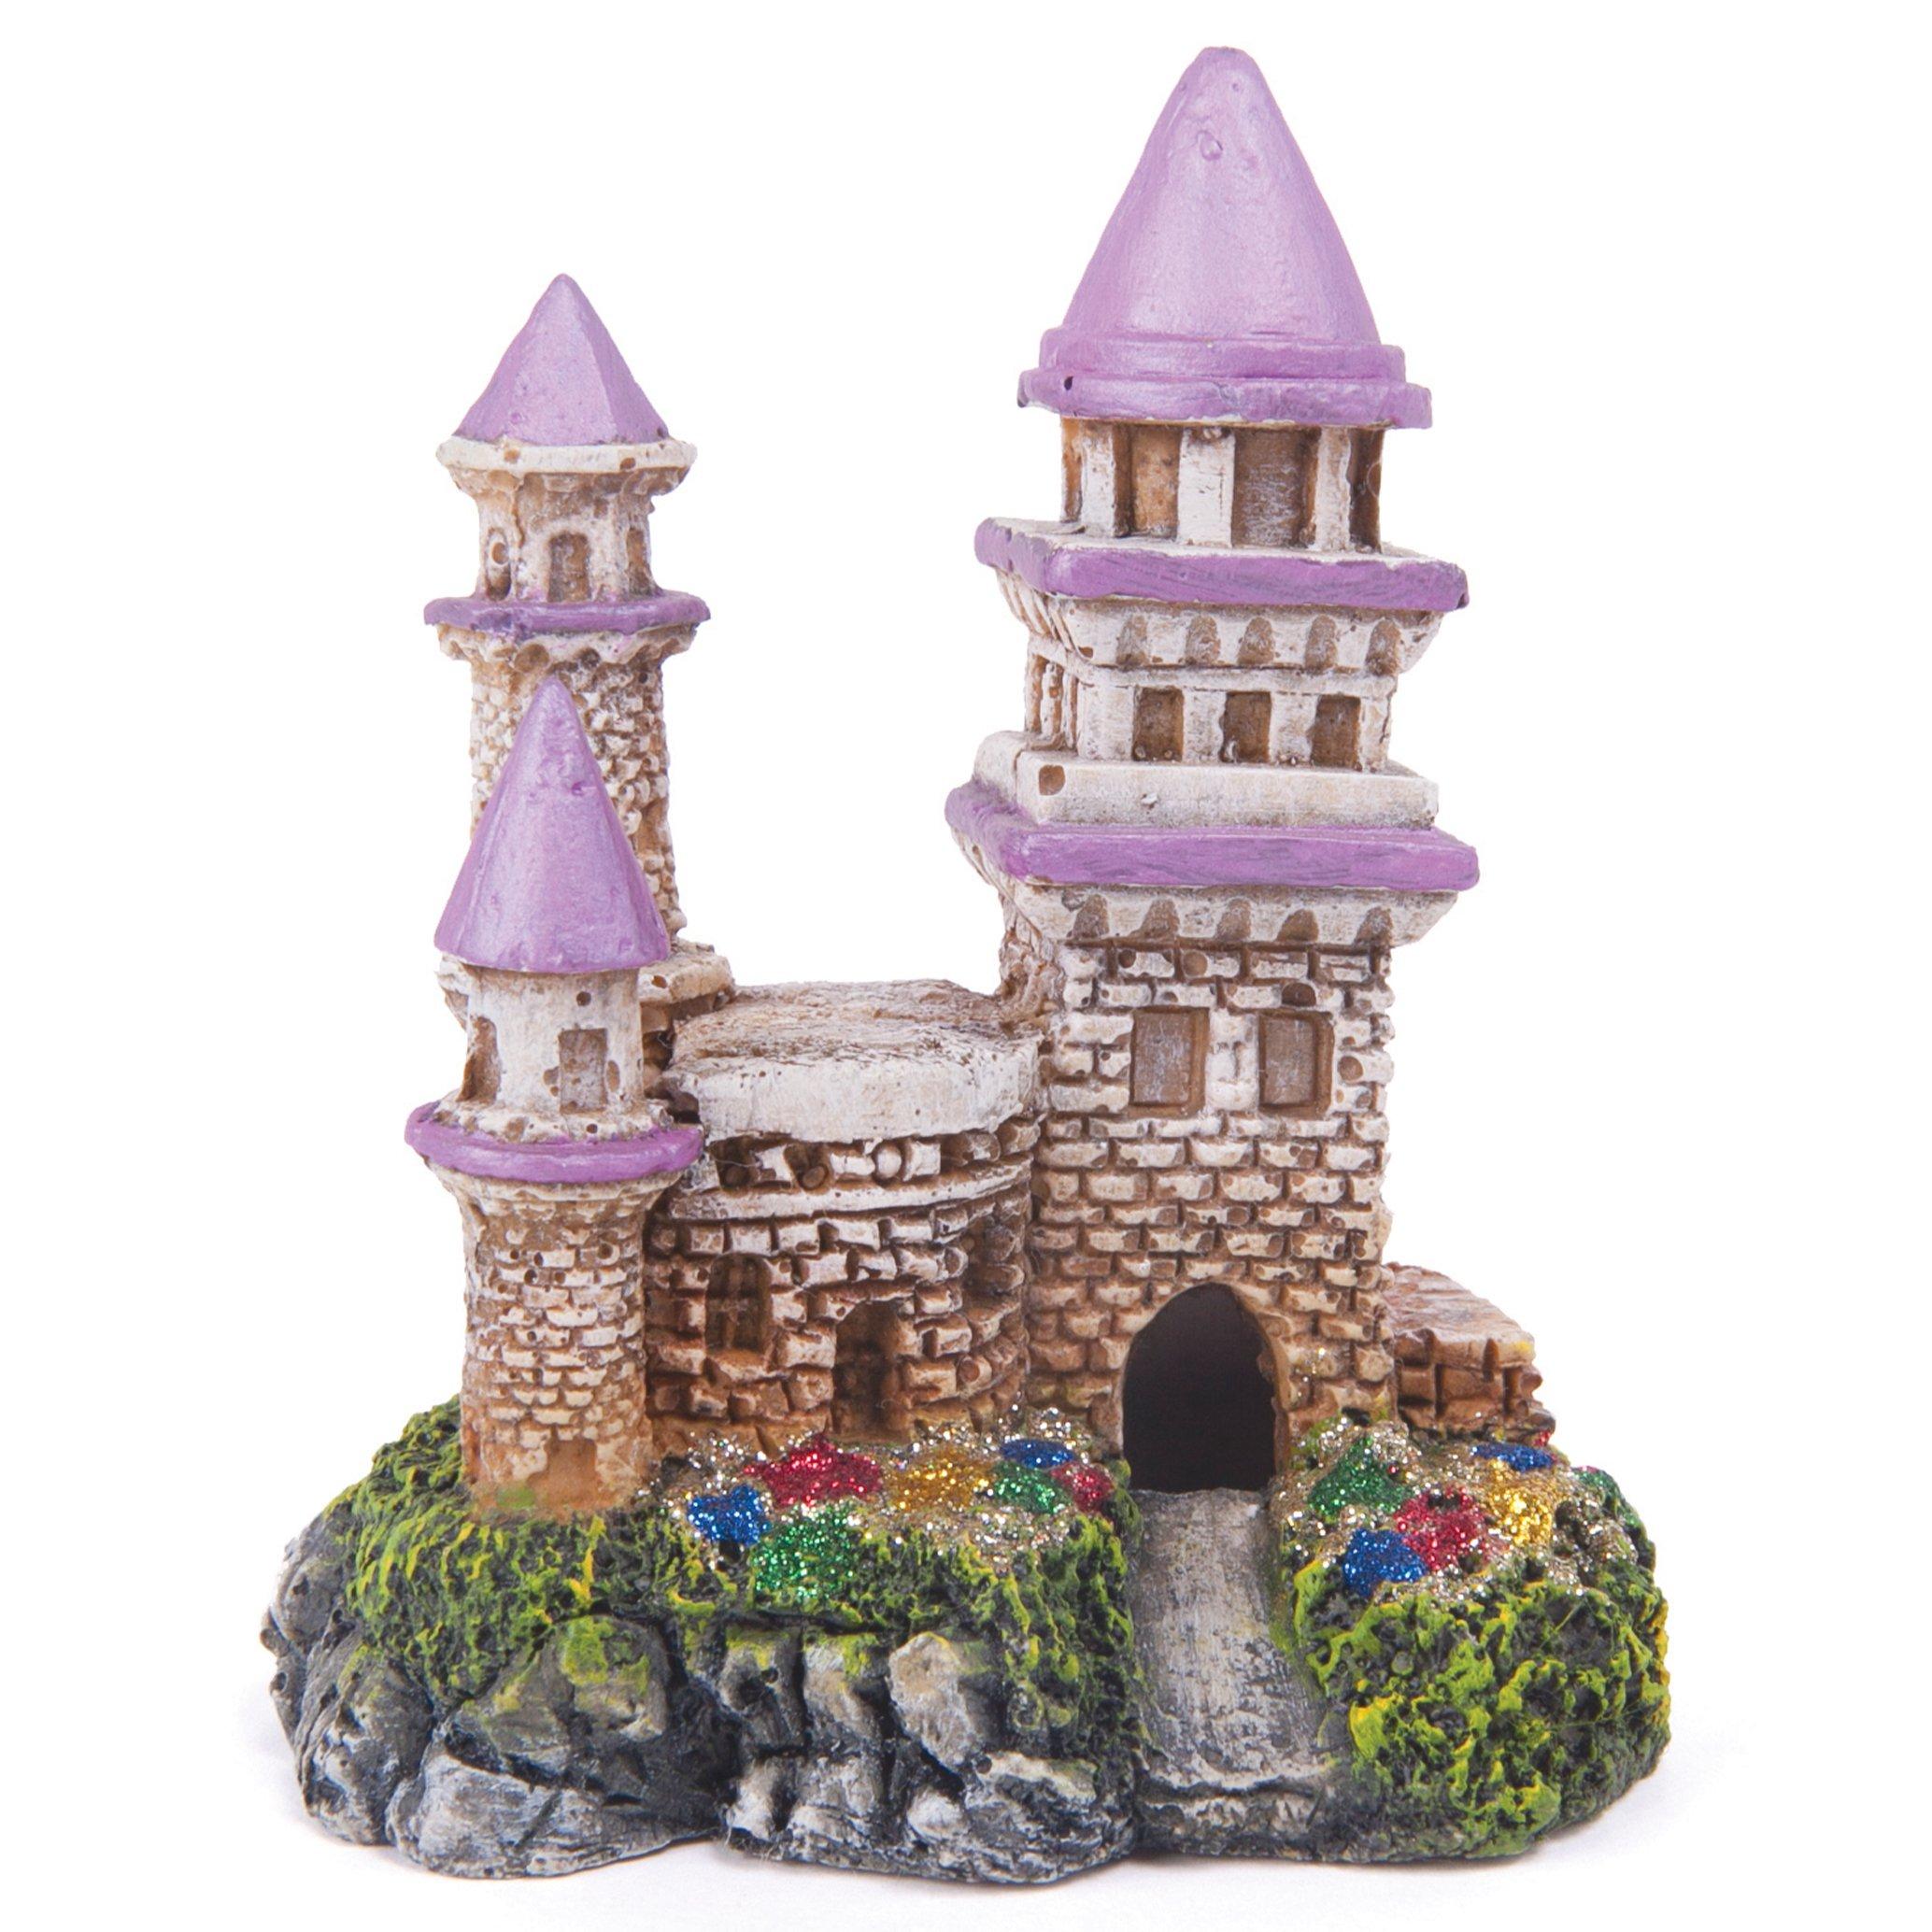 Princess Treasure Castle – Small